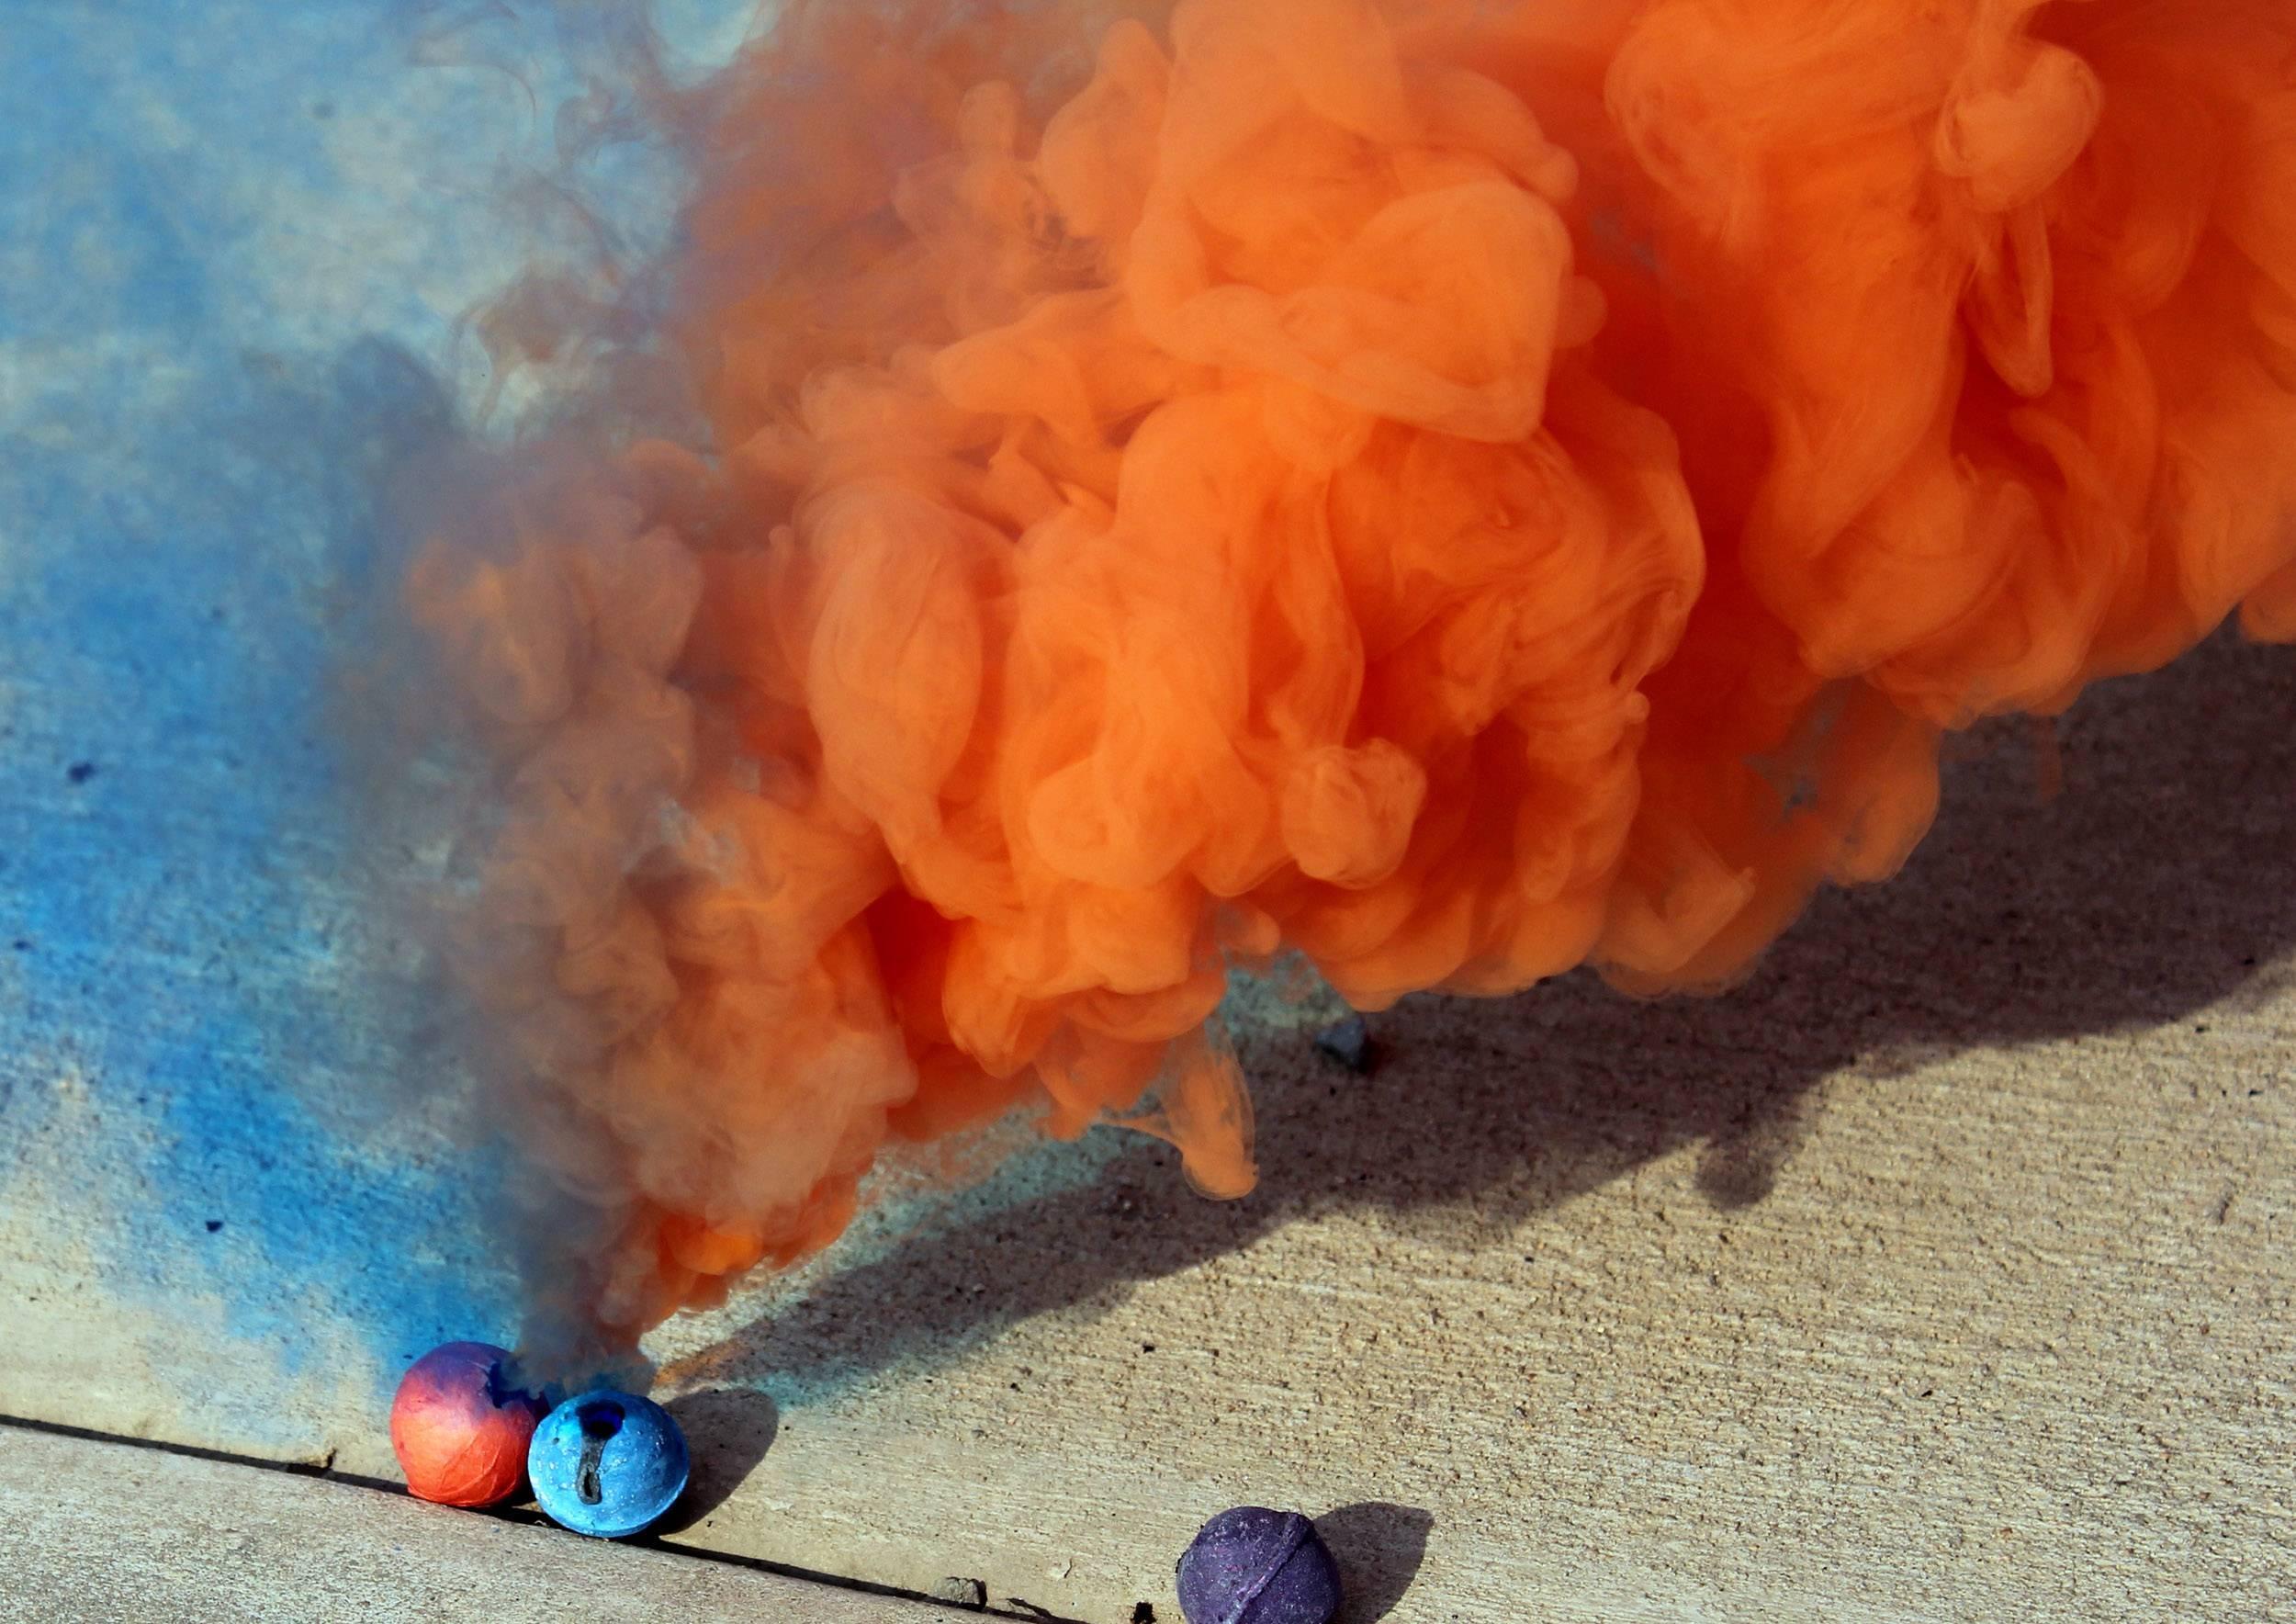 Дымовая шашка: области использования, цветные и армейские, из чего состоит, разновидности дымовух, меры безопасности